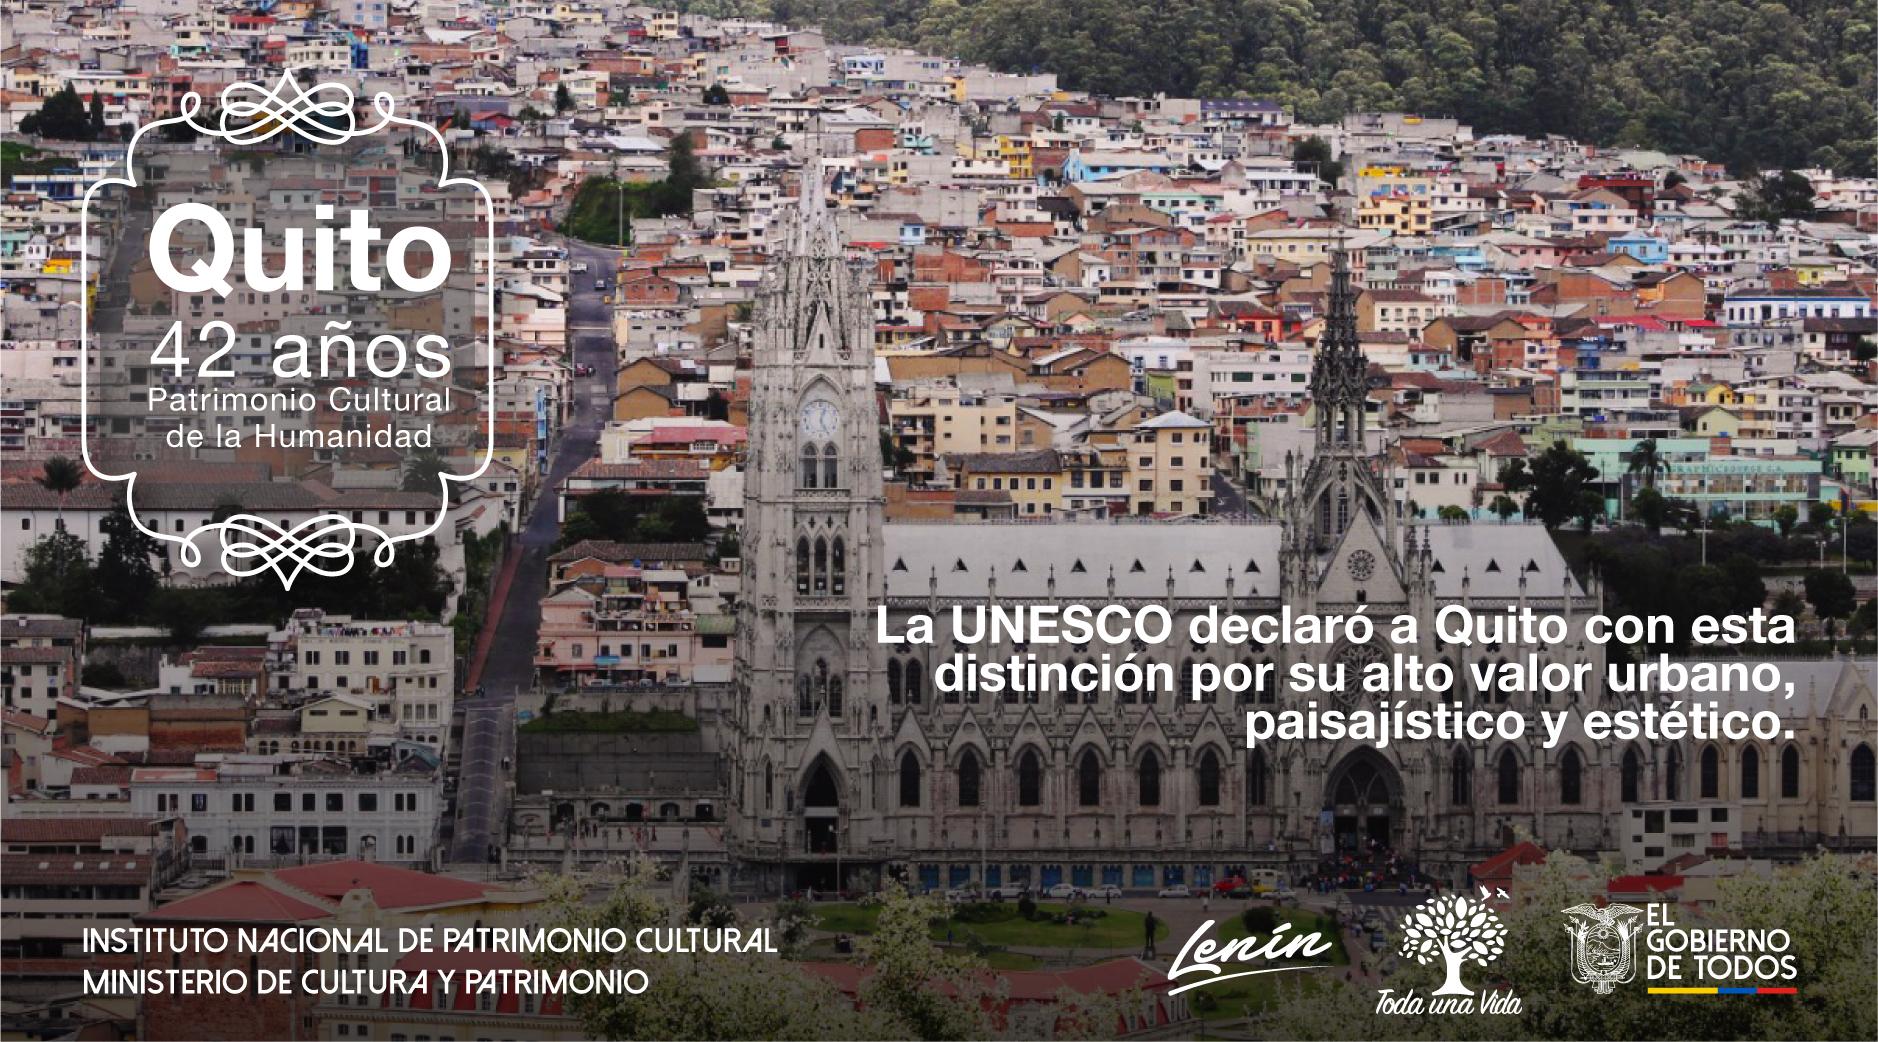 Cancilleria Ecuador على تويتر Quito Fue Declarada Como El Primer Patrimonio Cultural De La Humanidad Por La Unesco Es El 8 De Septiembre De 1978 Quitoespatrimonio Https T Co Snk1hxwrdx